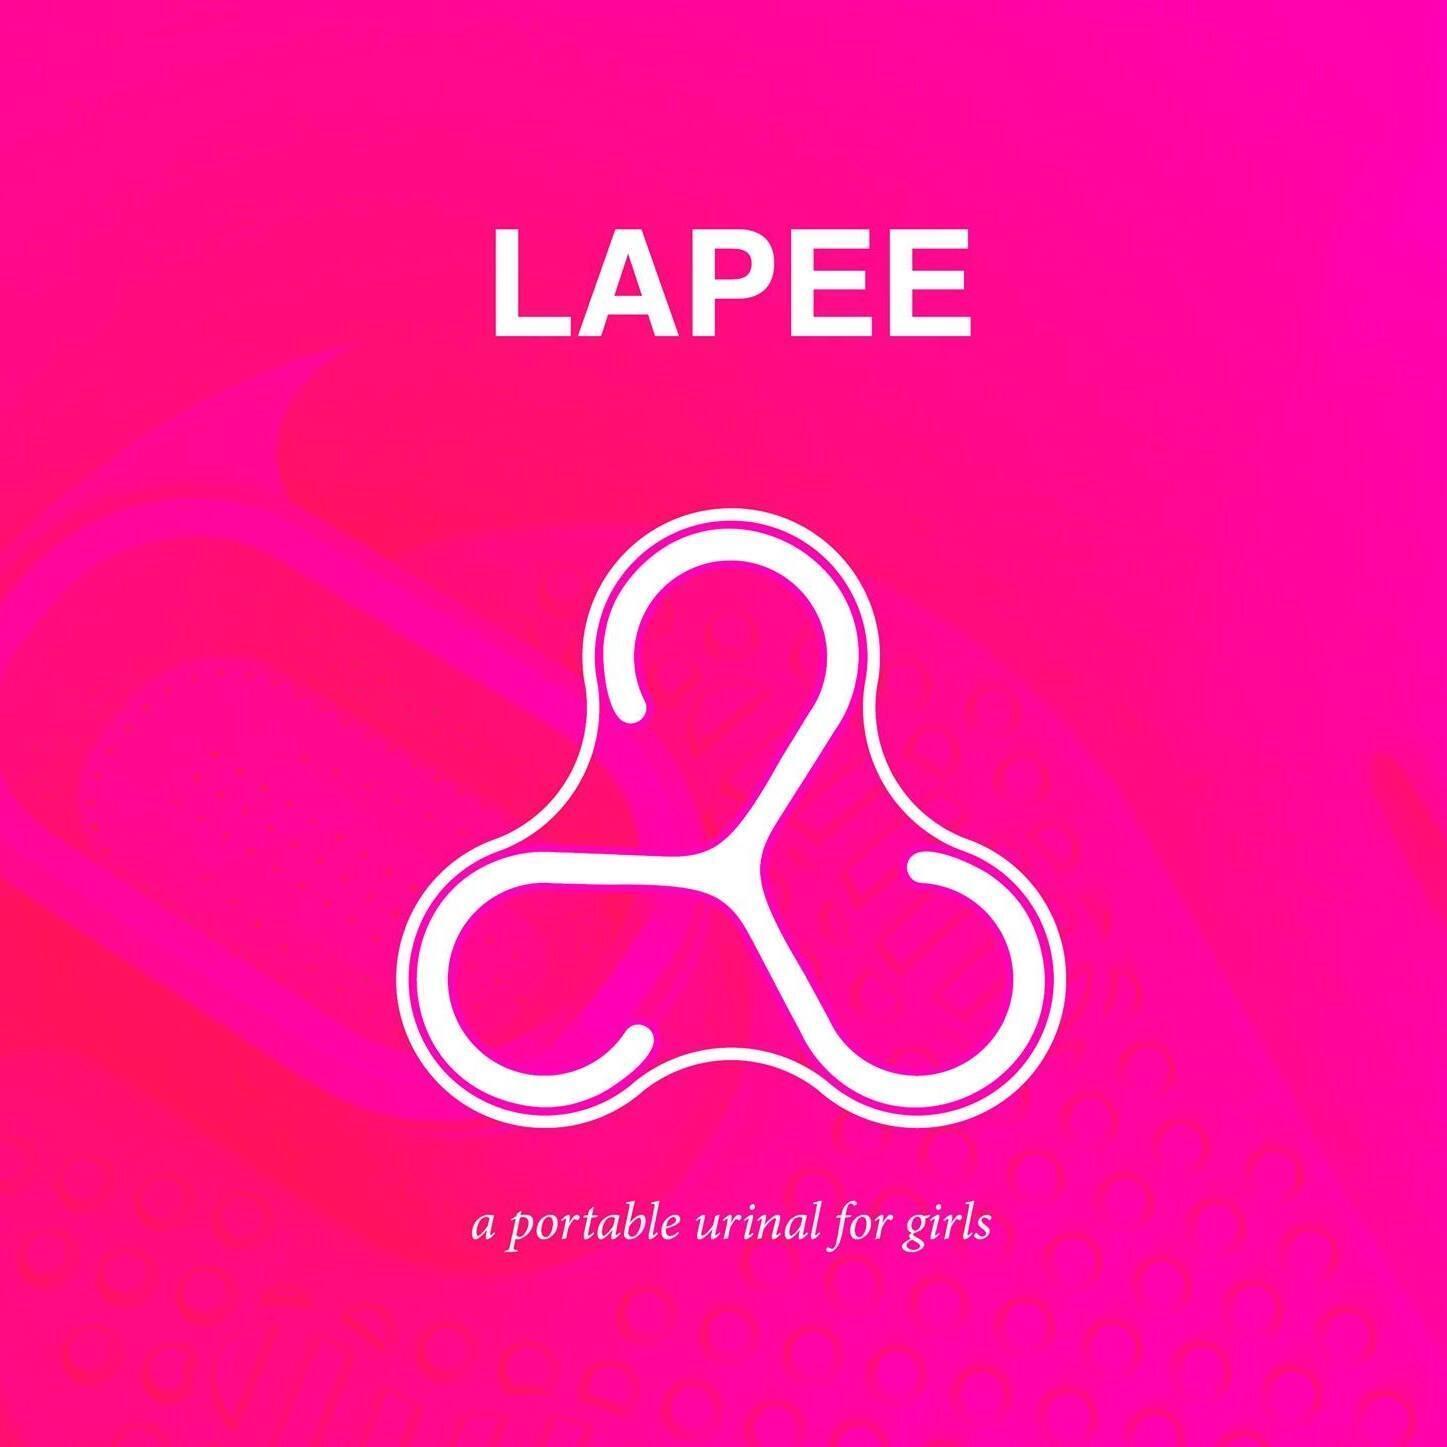 Logomarca do urinol feminino Lapee, criado pela arquiteta francesa Gina Perier, na Dinamarca